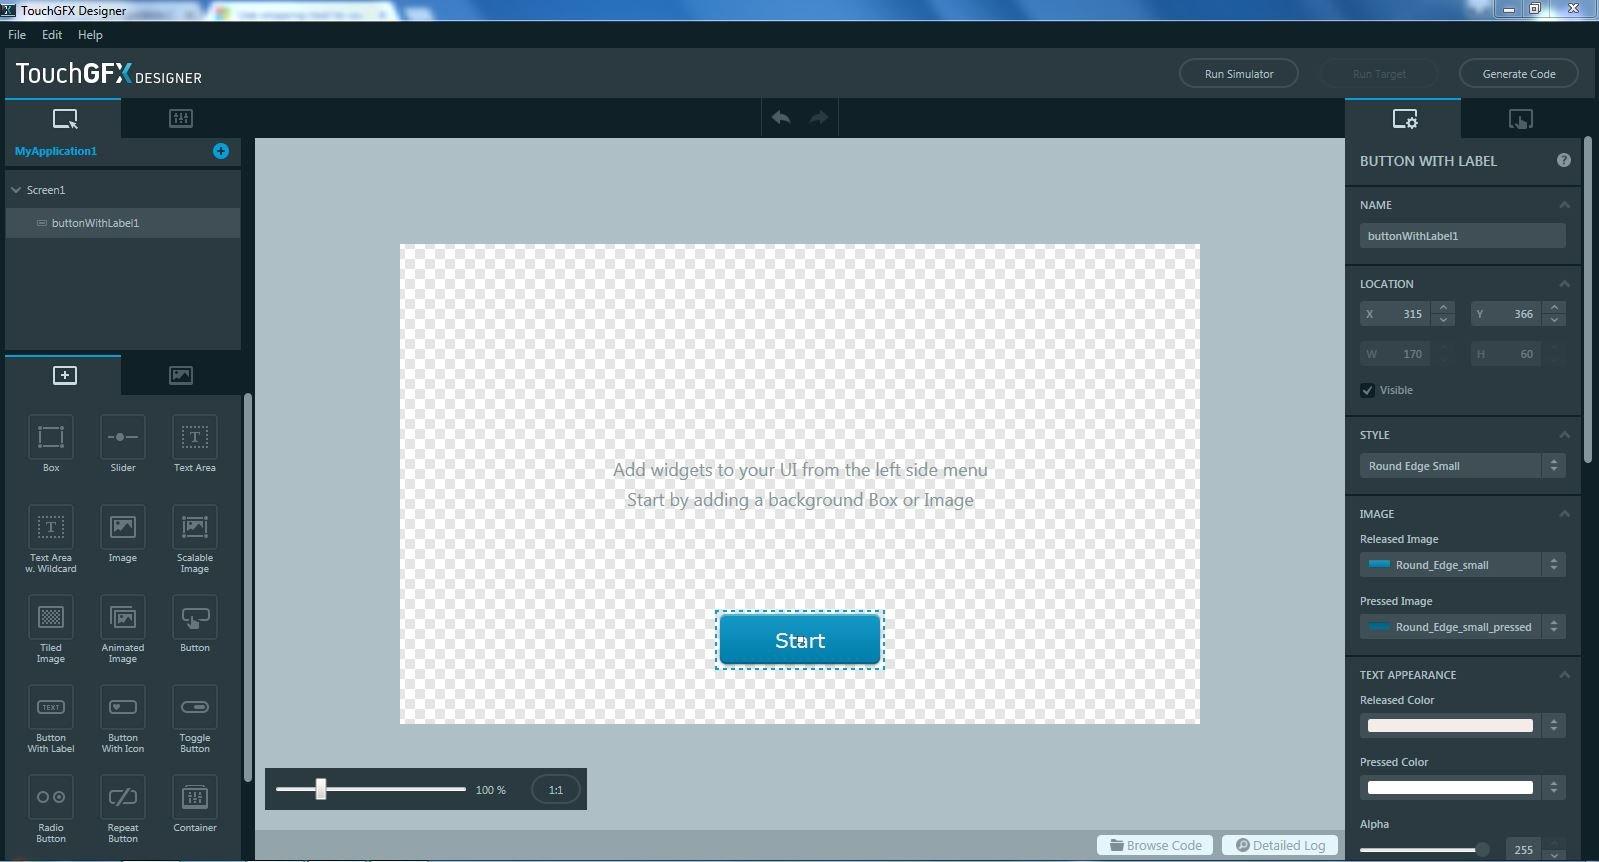 L'outil de conception graphique TouchGFX